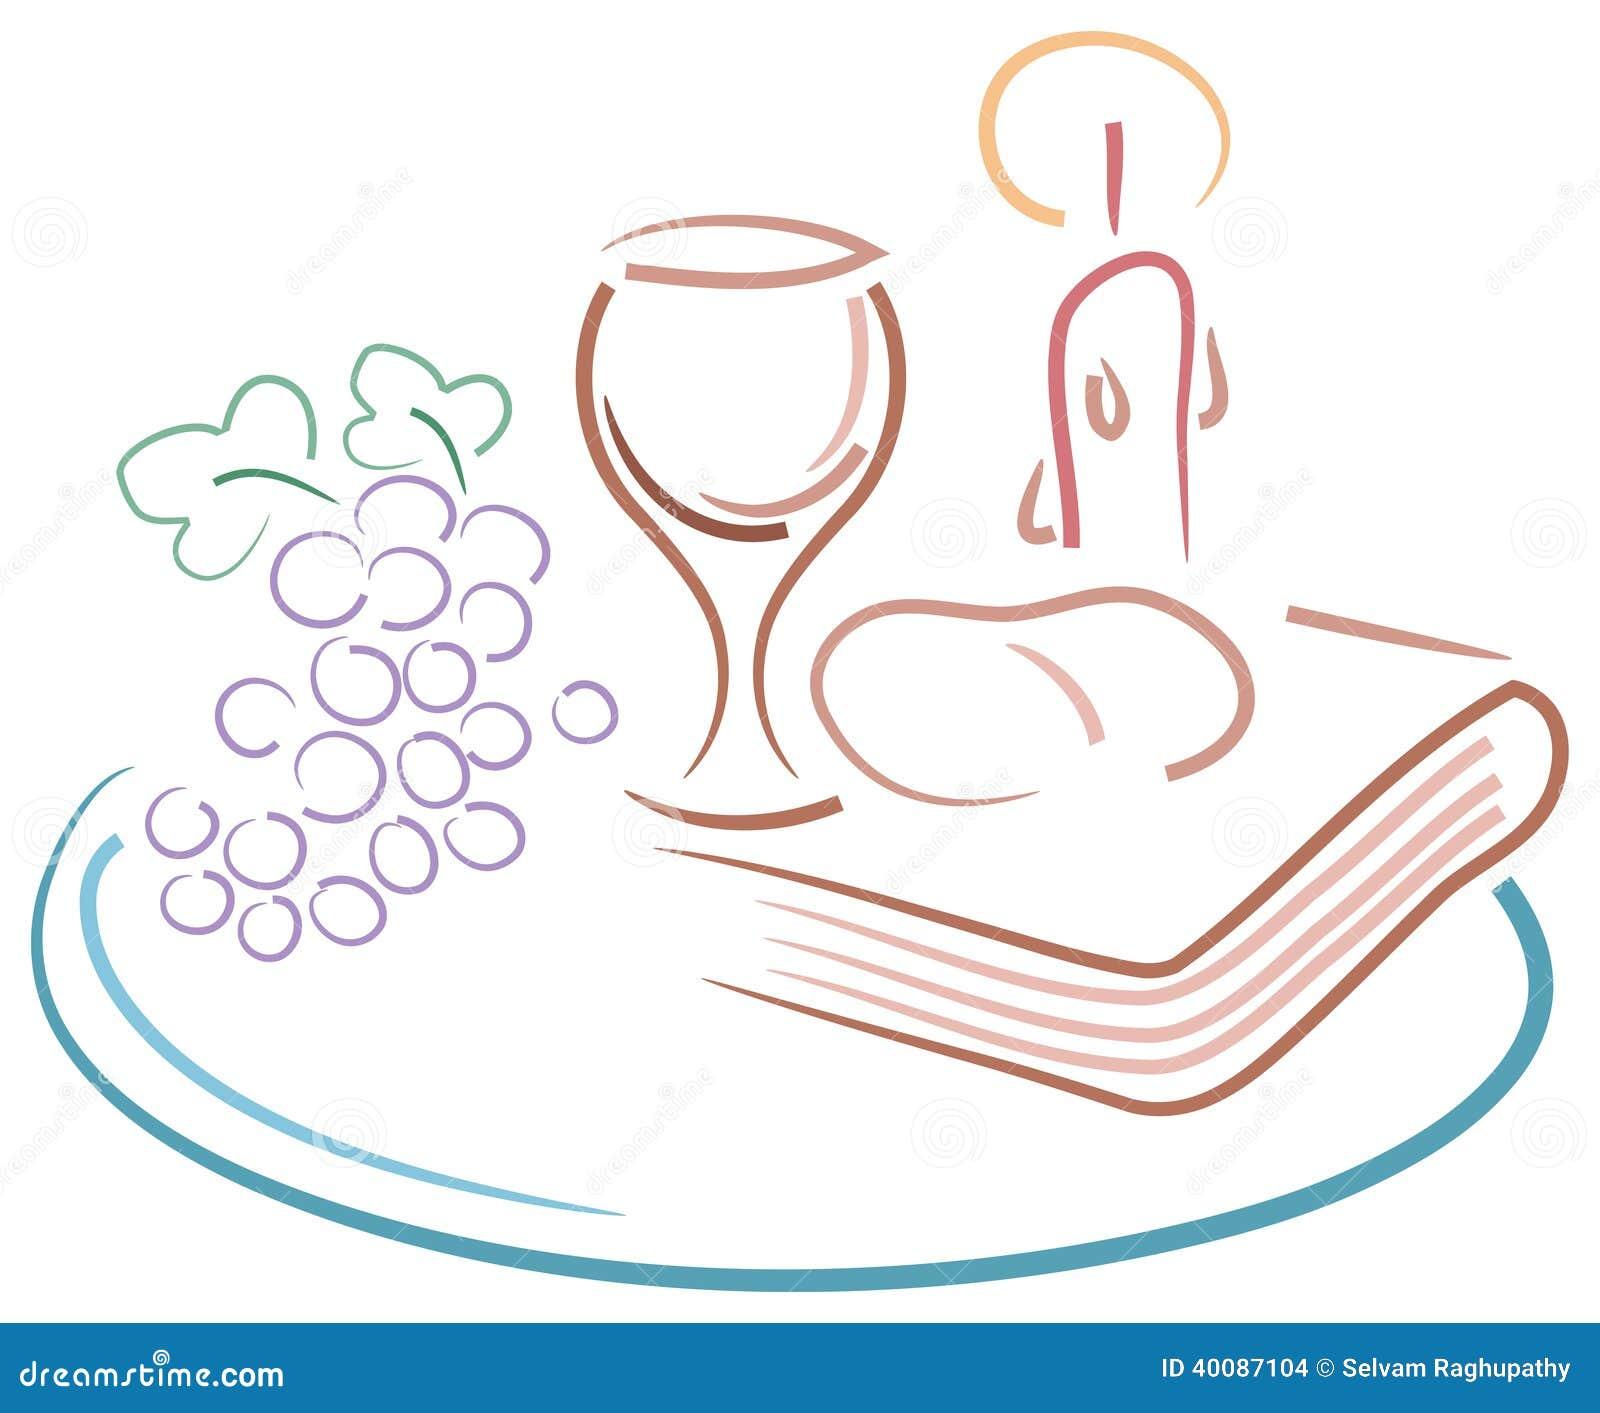 Zeichnung Der Heiligen Kommunion Vektor Abbildung Bild 40087104